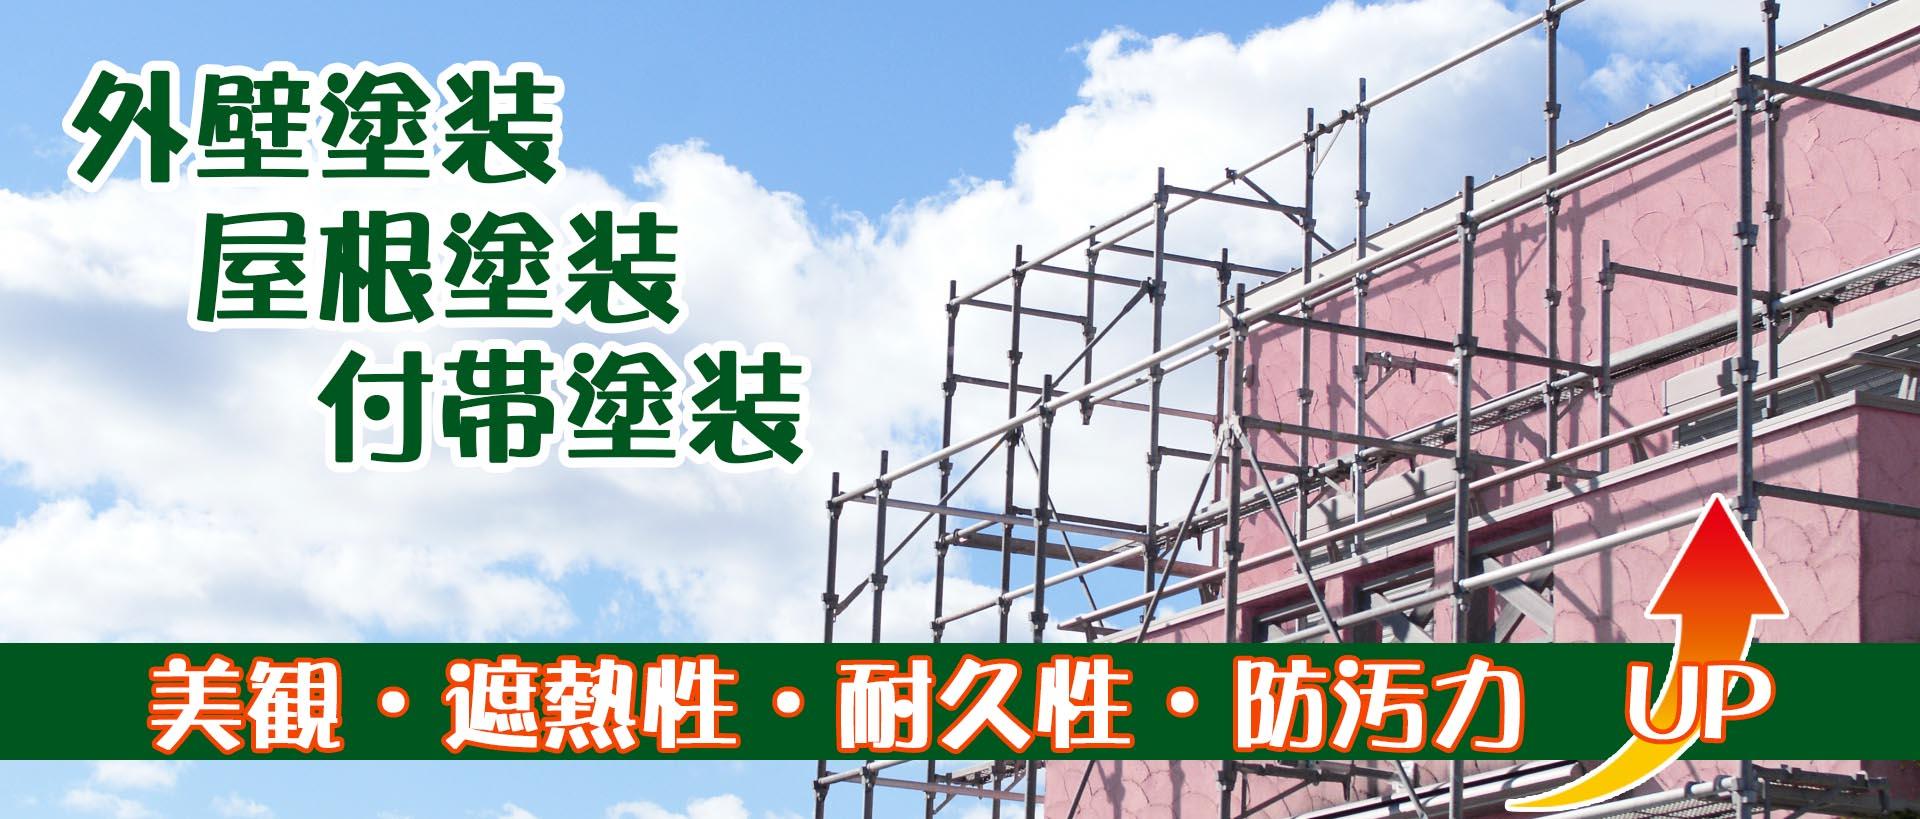 外壁塗装、屋根塗装、住宅設備付帯塗装